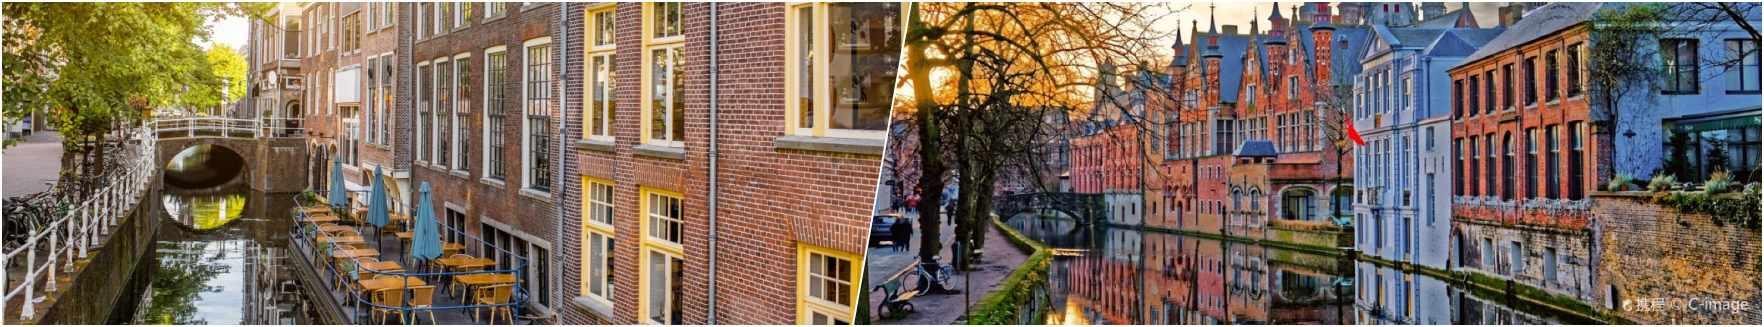 Delft - Bruges